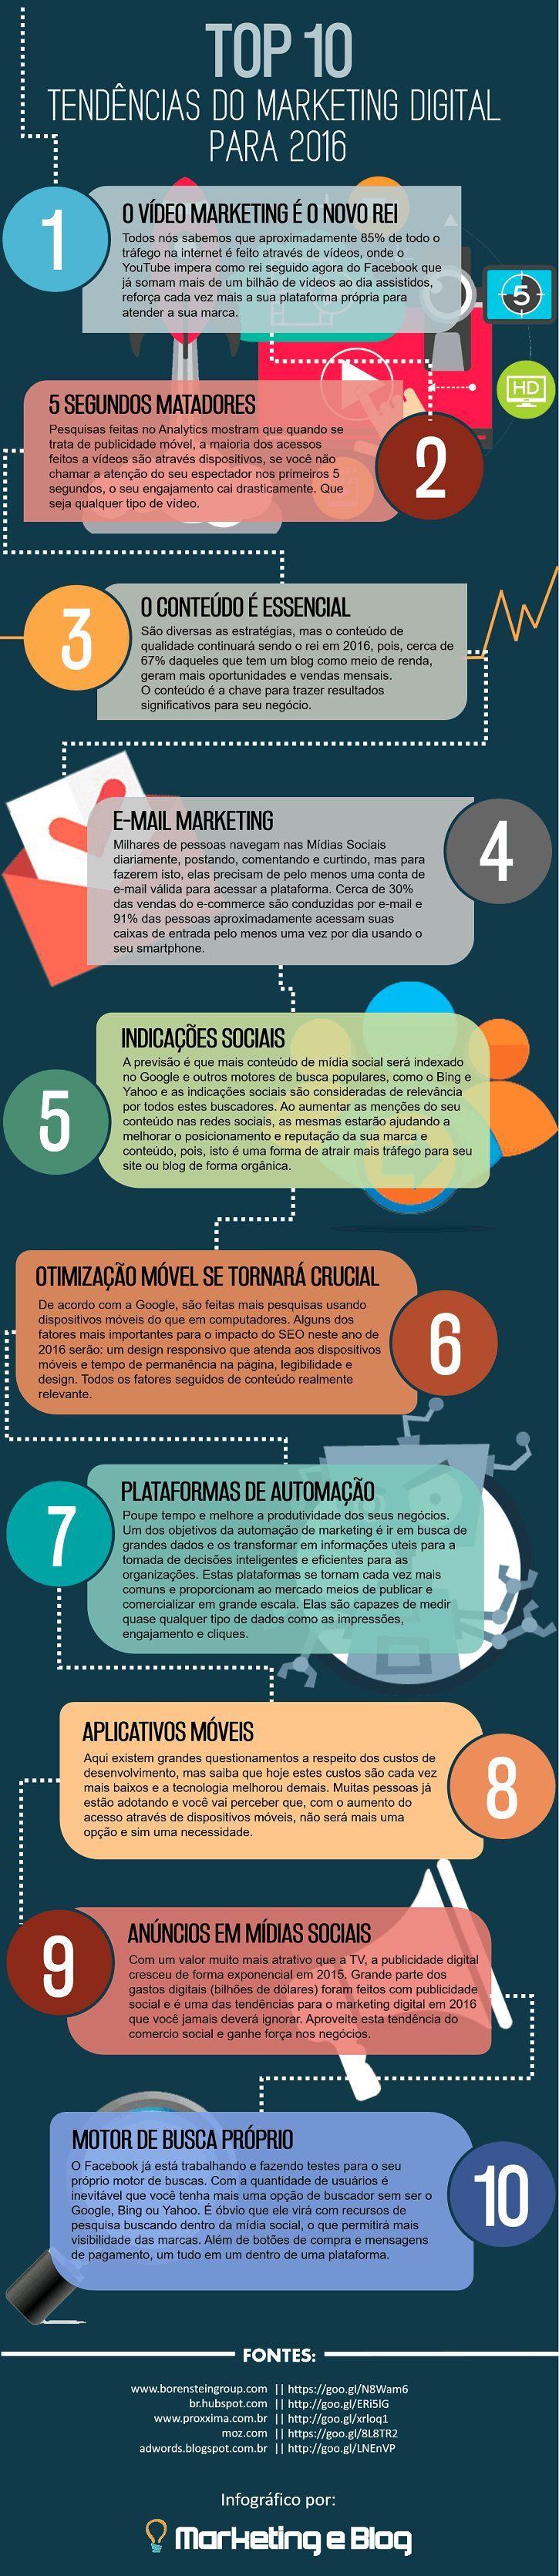 Já sabe quais as tendências para o nosso mercado Digital para 2016?  Saiba mais em : http://marketingeblog.com.br